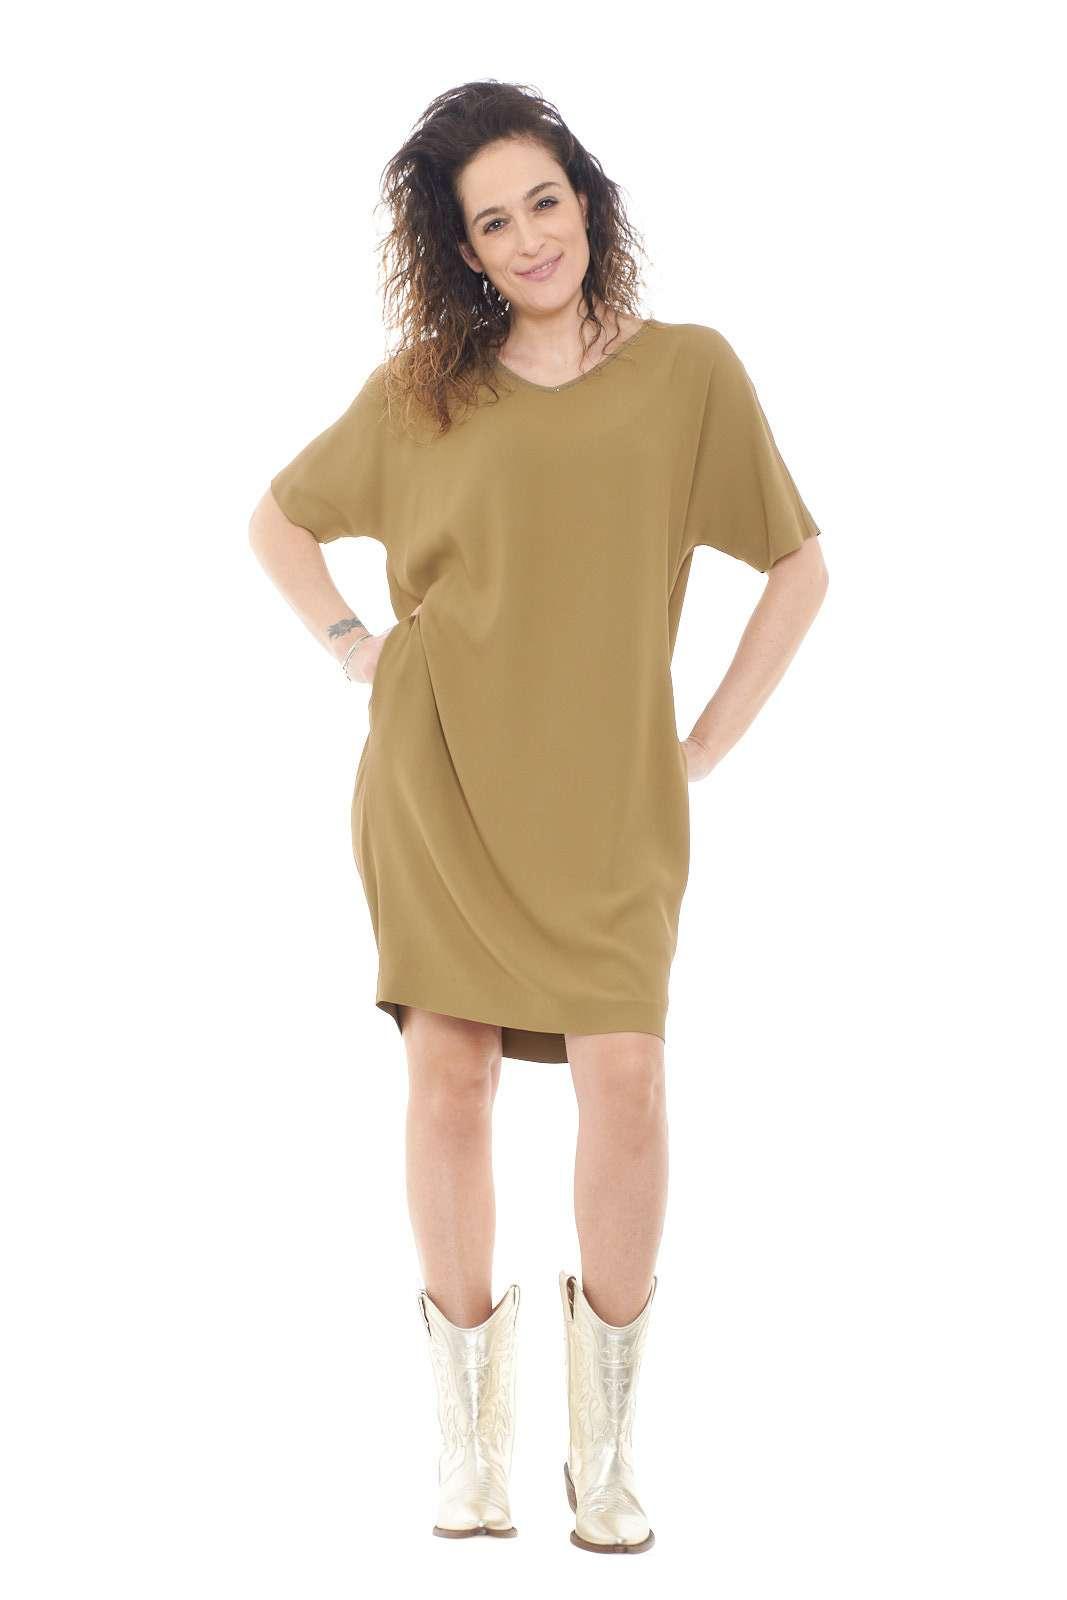 Un abito esclusivo, elegante e raffinato, firmato Fabiana Filippi. L'ideale per le evenienze più importanti, dive abbinato ad un tacco a spillo, slancerai la silhouette, per un aspetto sempre di tendenza.